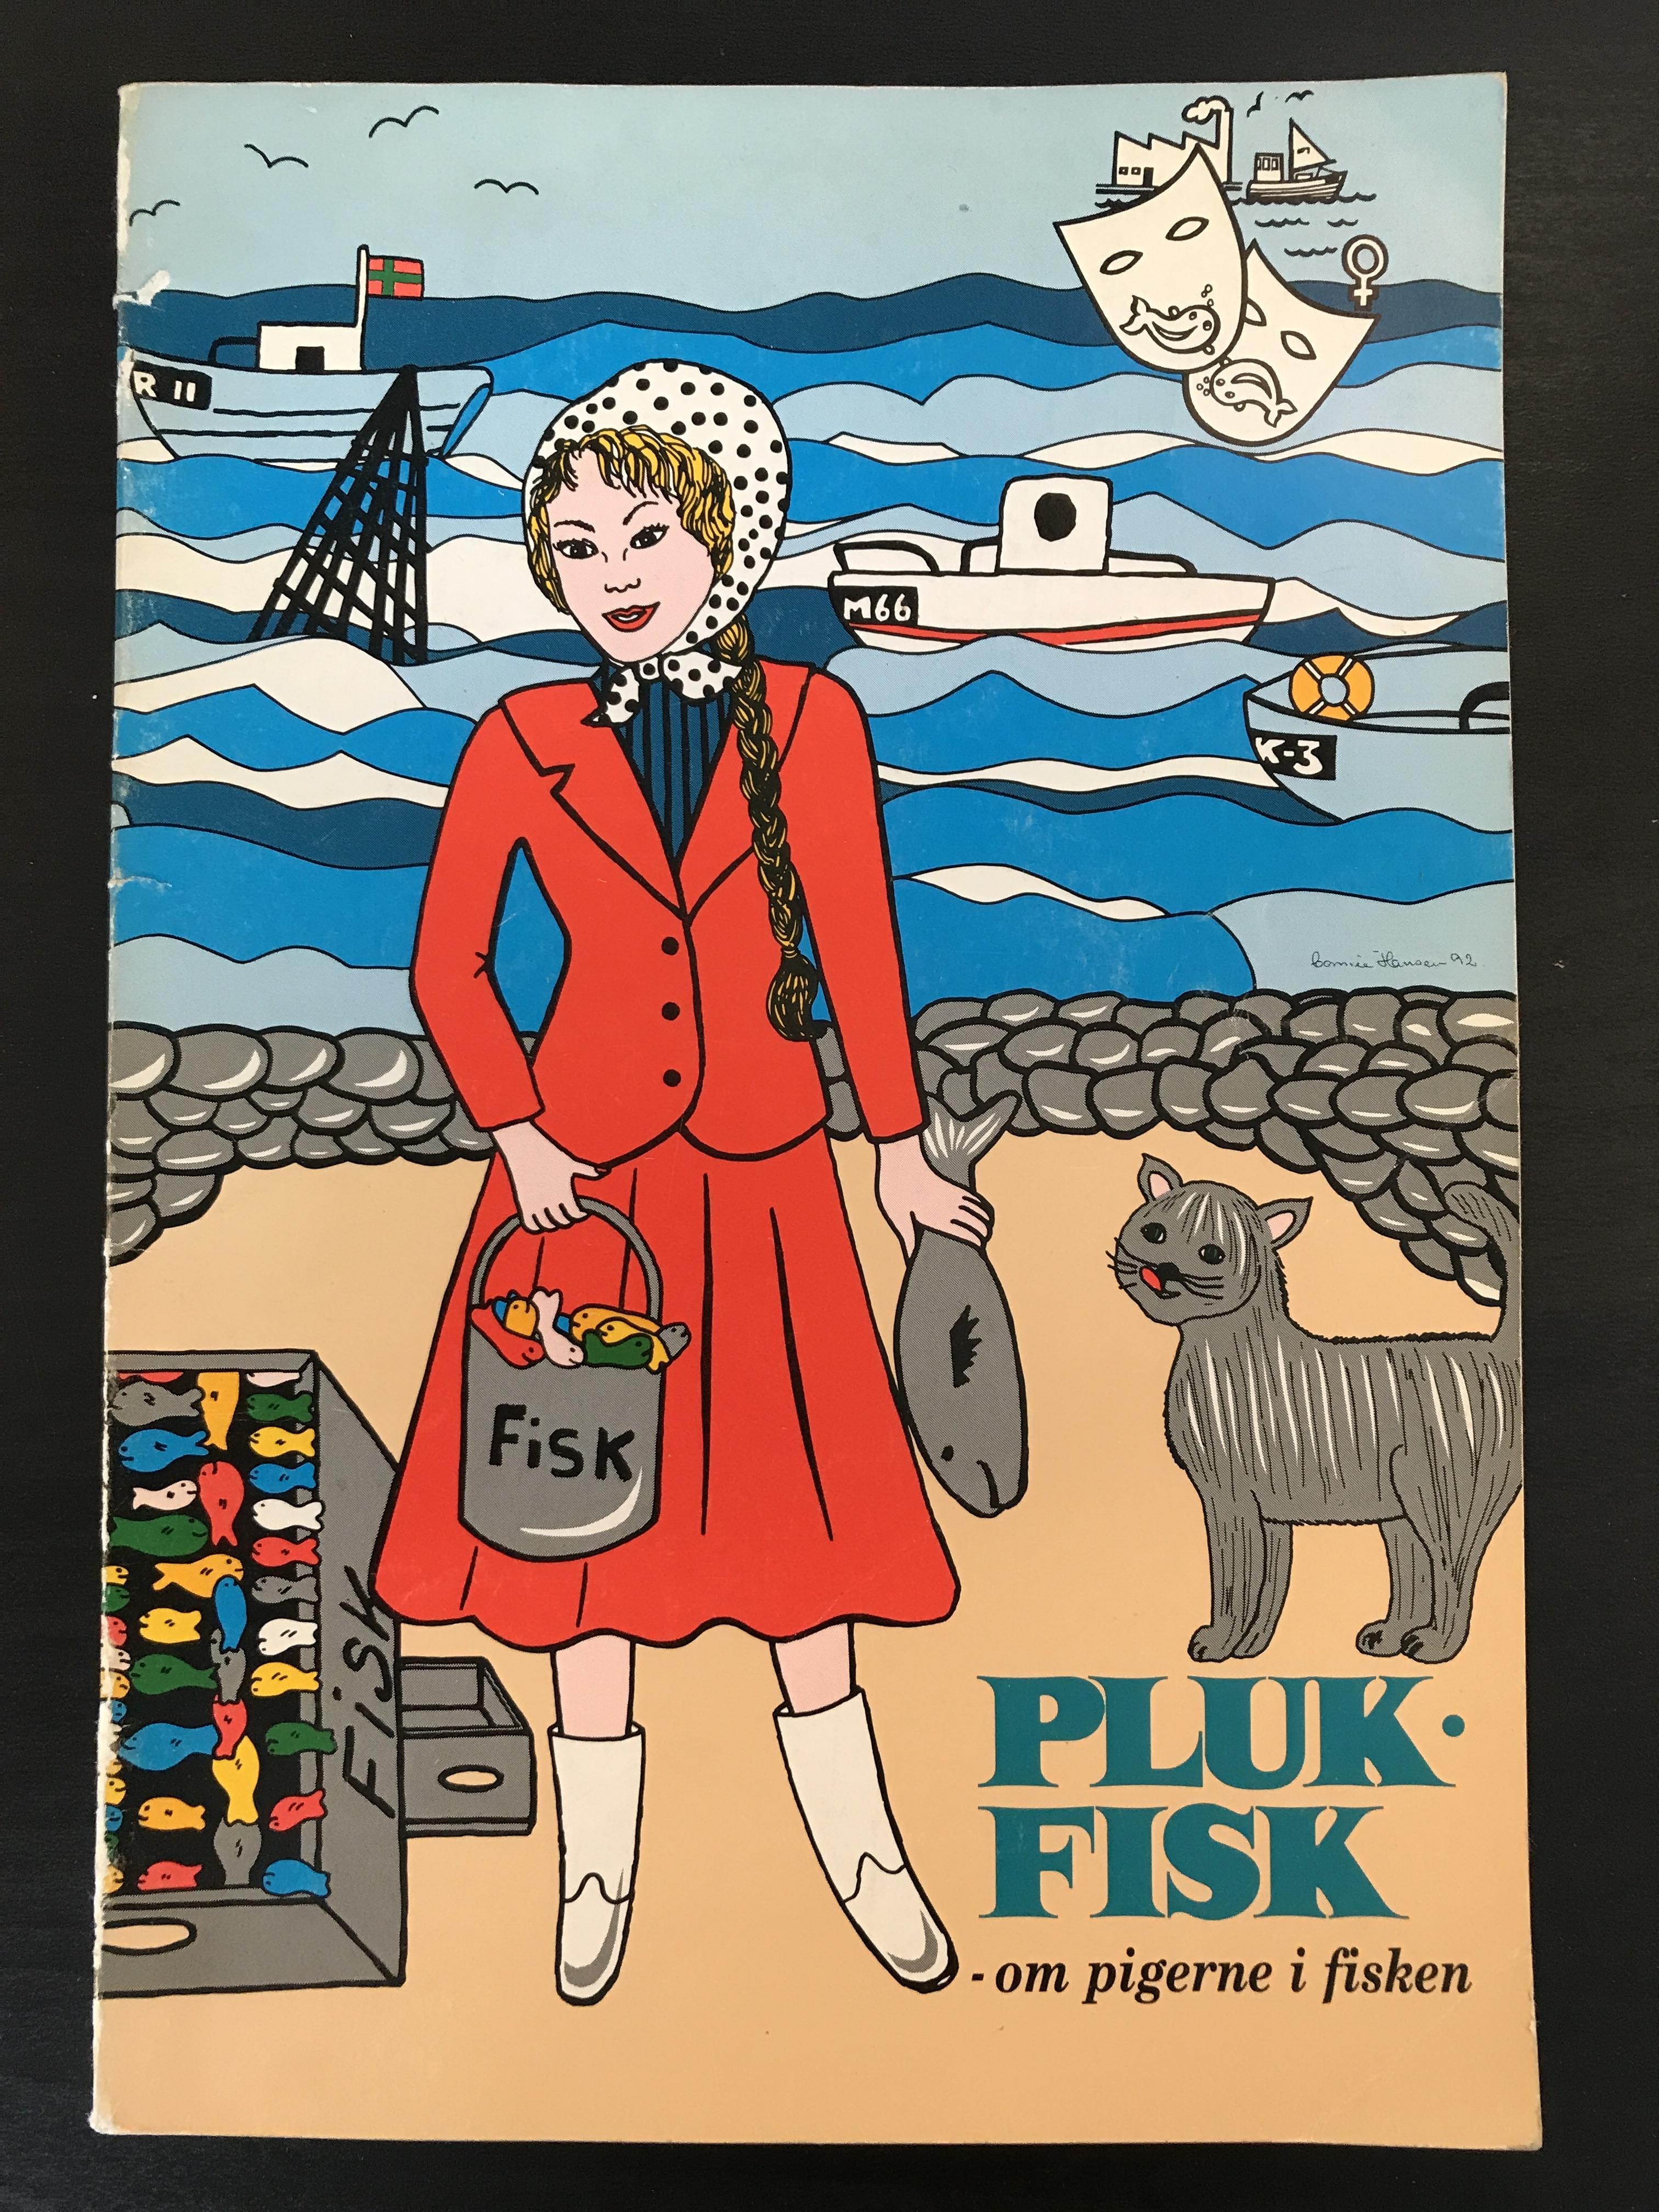 plukfisk - om pigerne i fisken